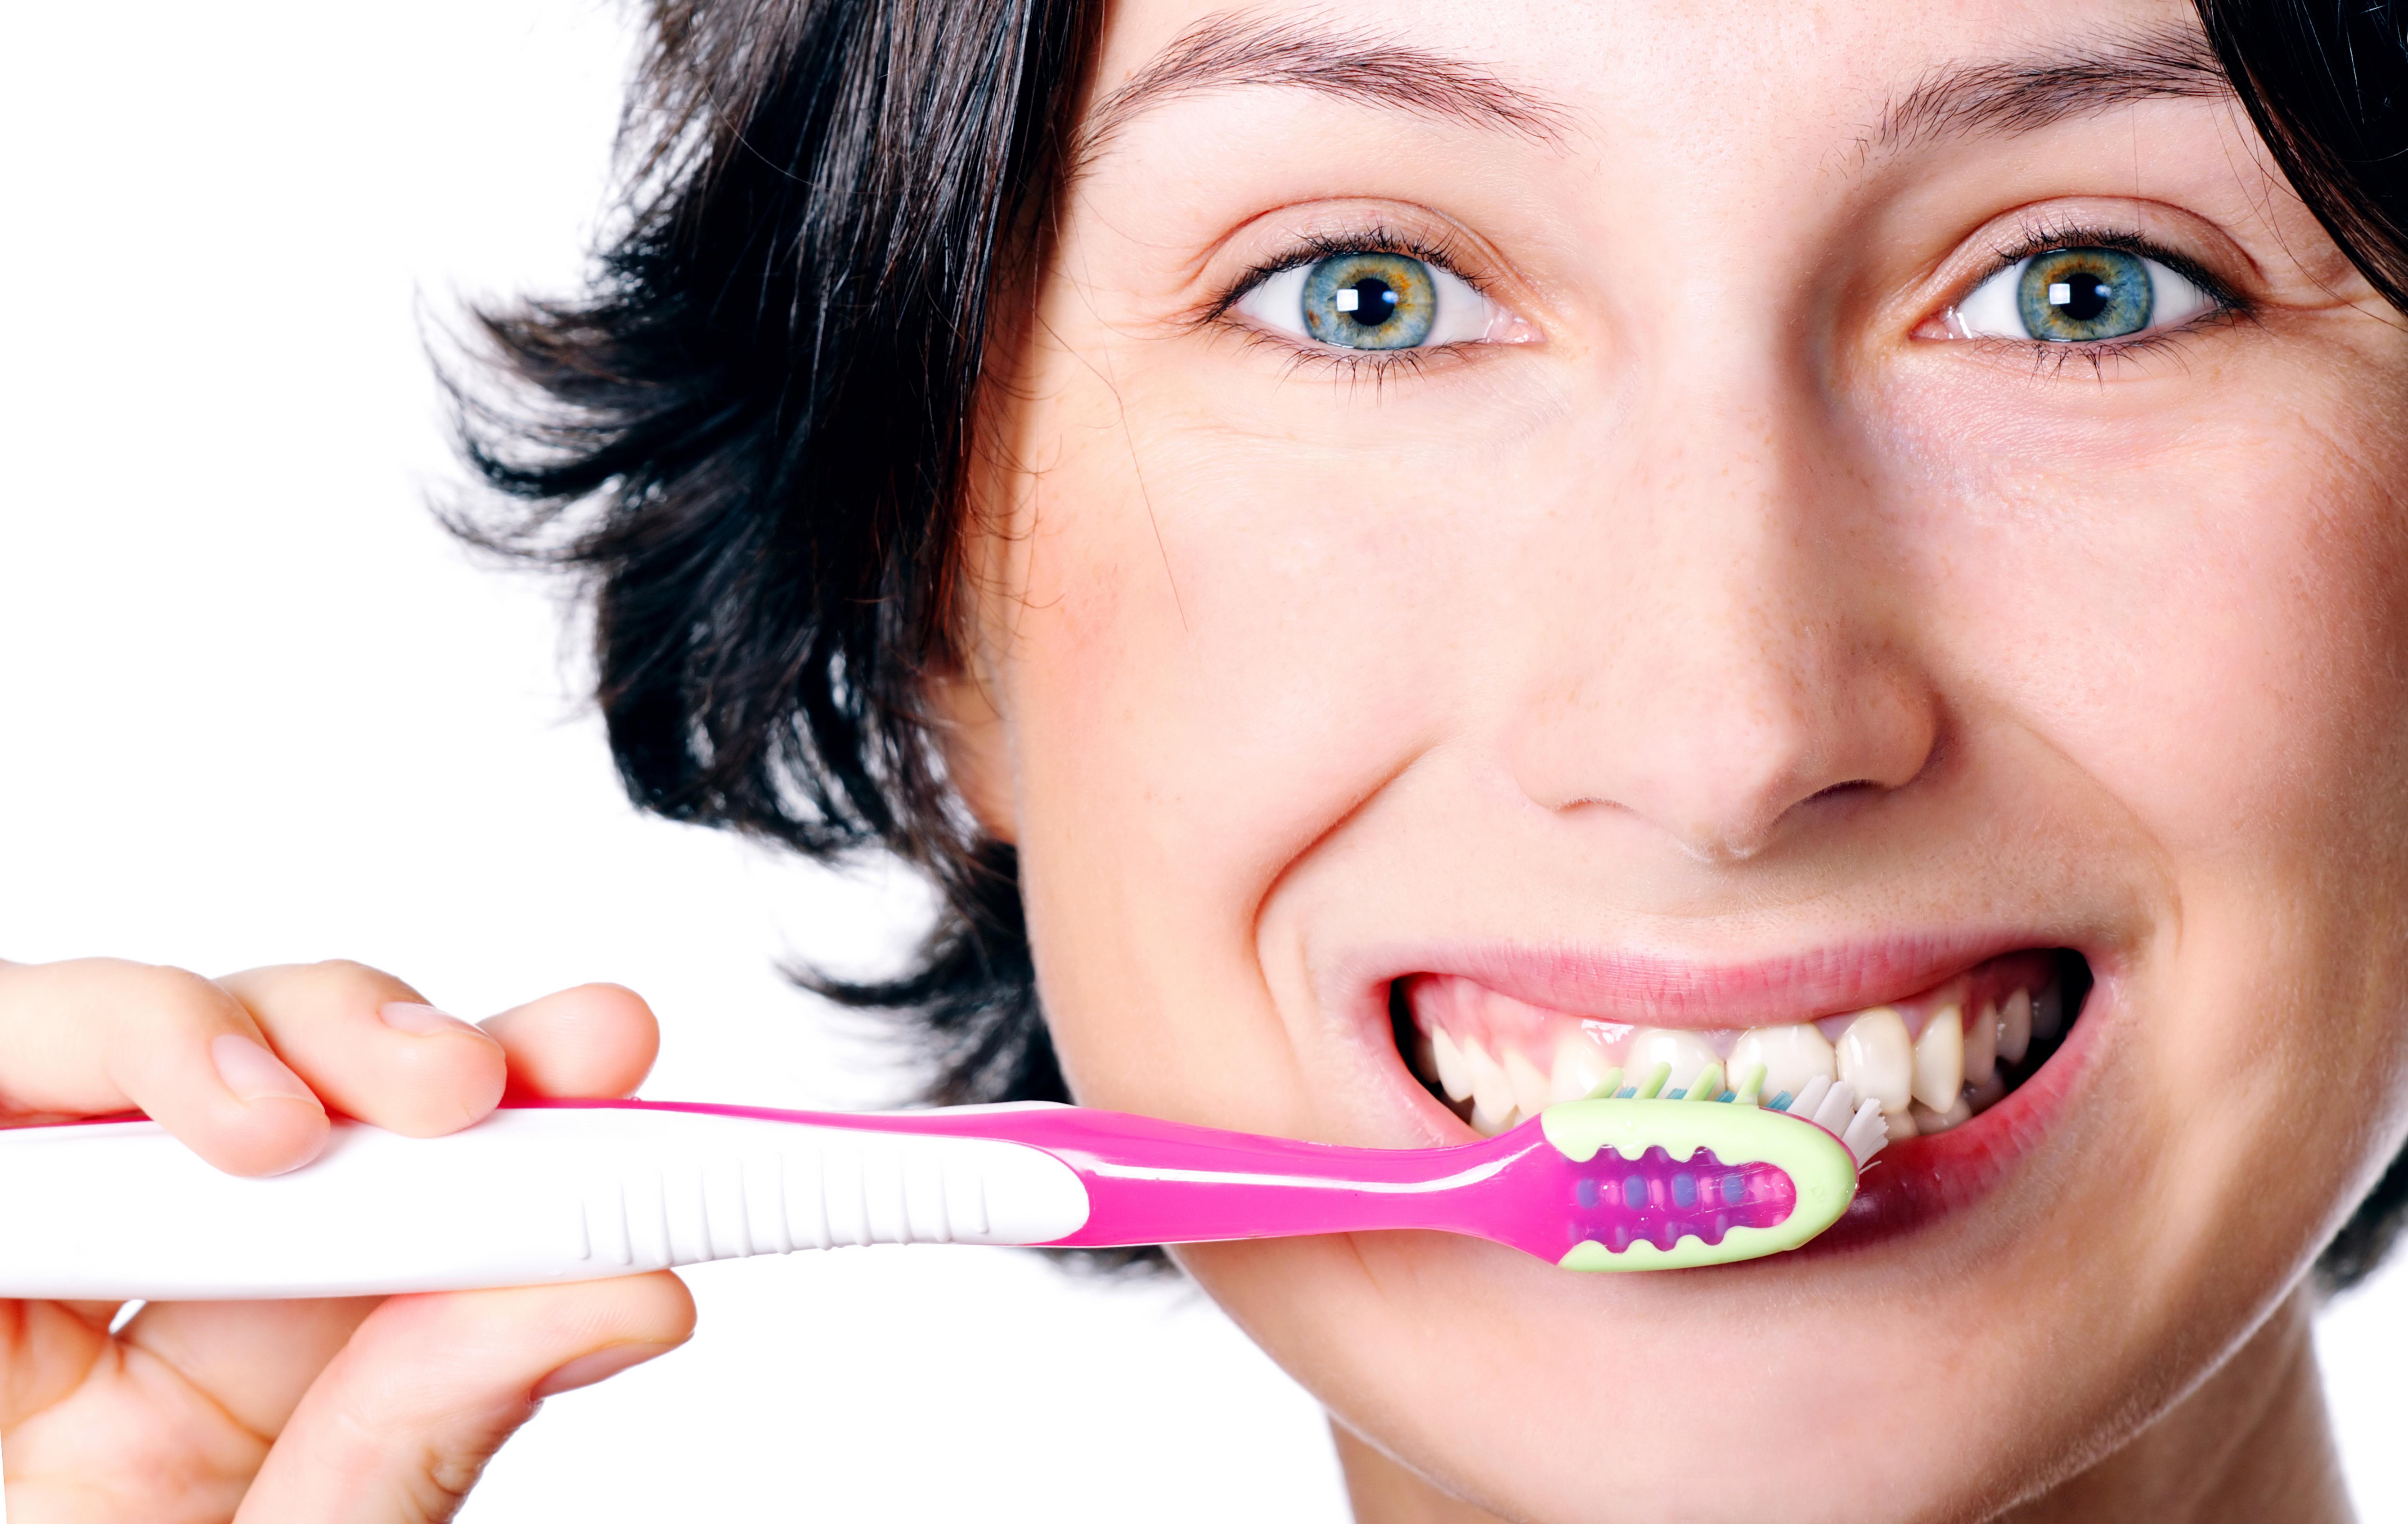 Como escovar os dentes?